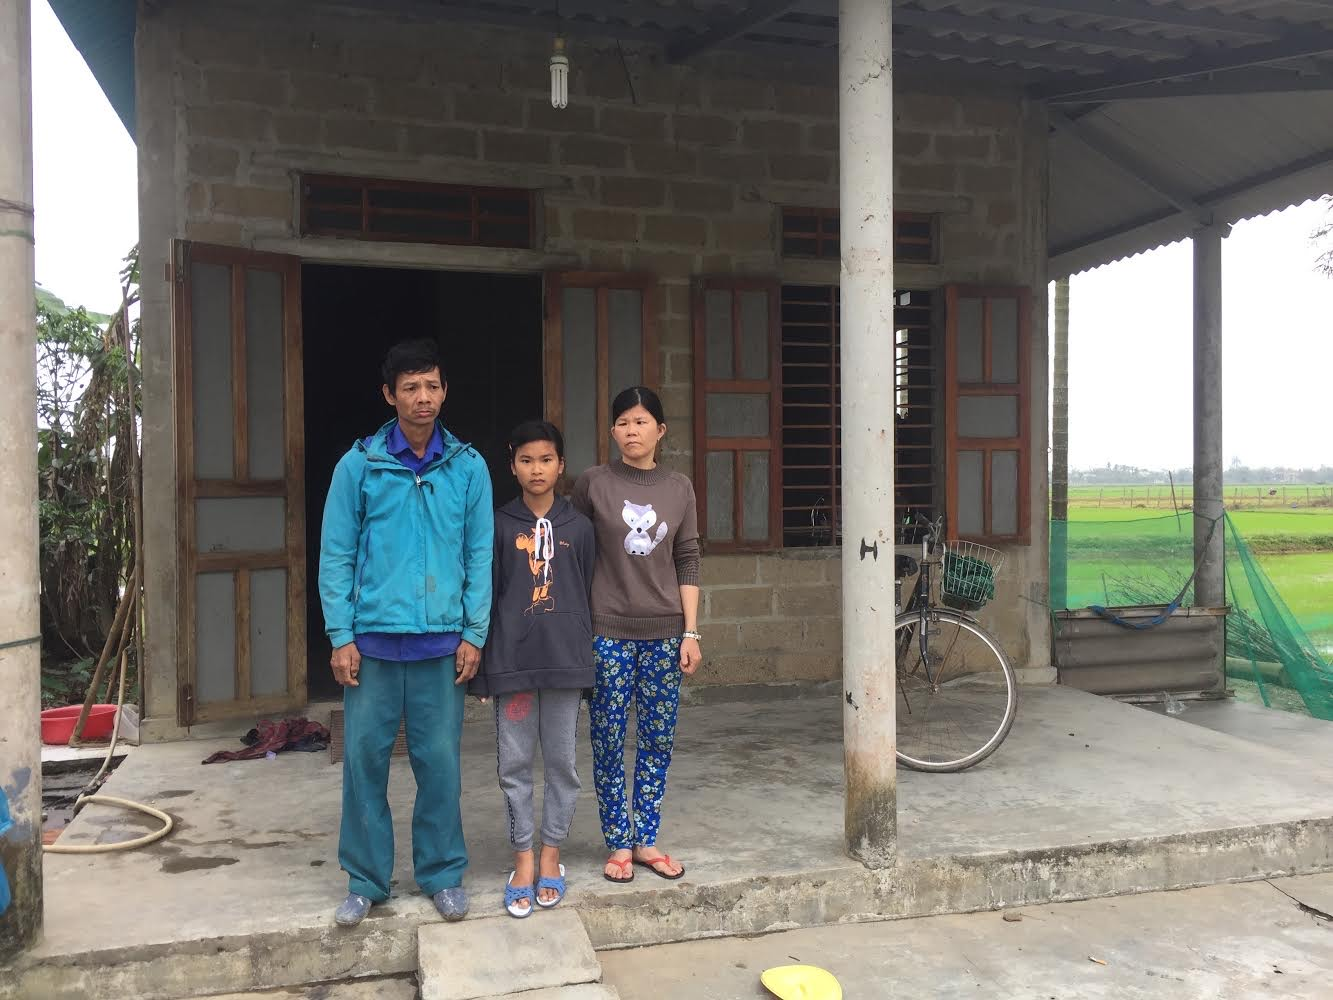 Xót xa hoàn cảnh bố bị câm điếc, mẹ bệnh tật nuôi con học giỏi ở Thừa Thiên Huế - Ảnh 2.